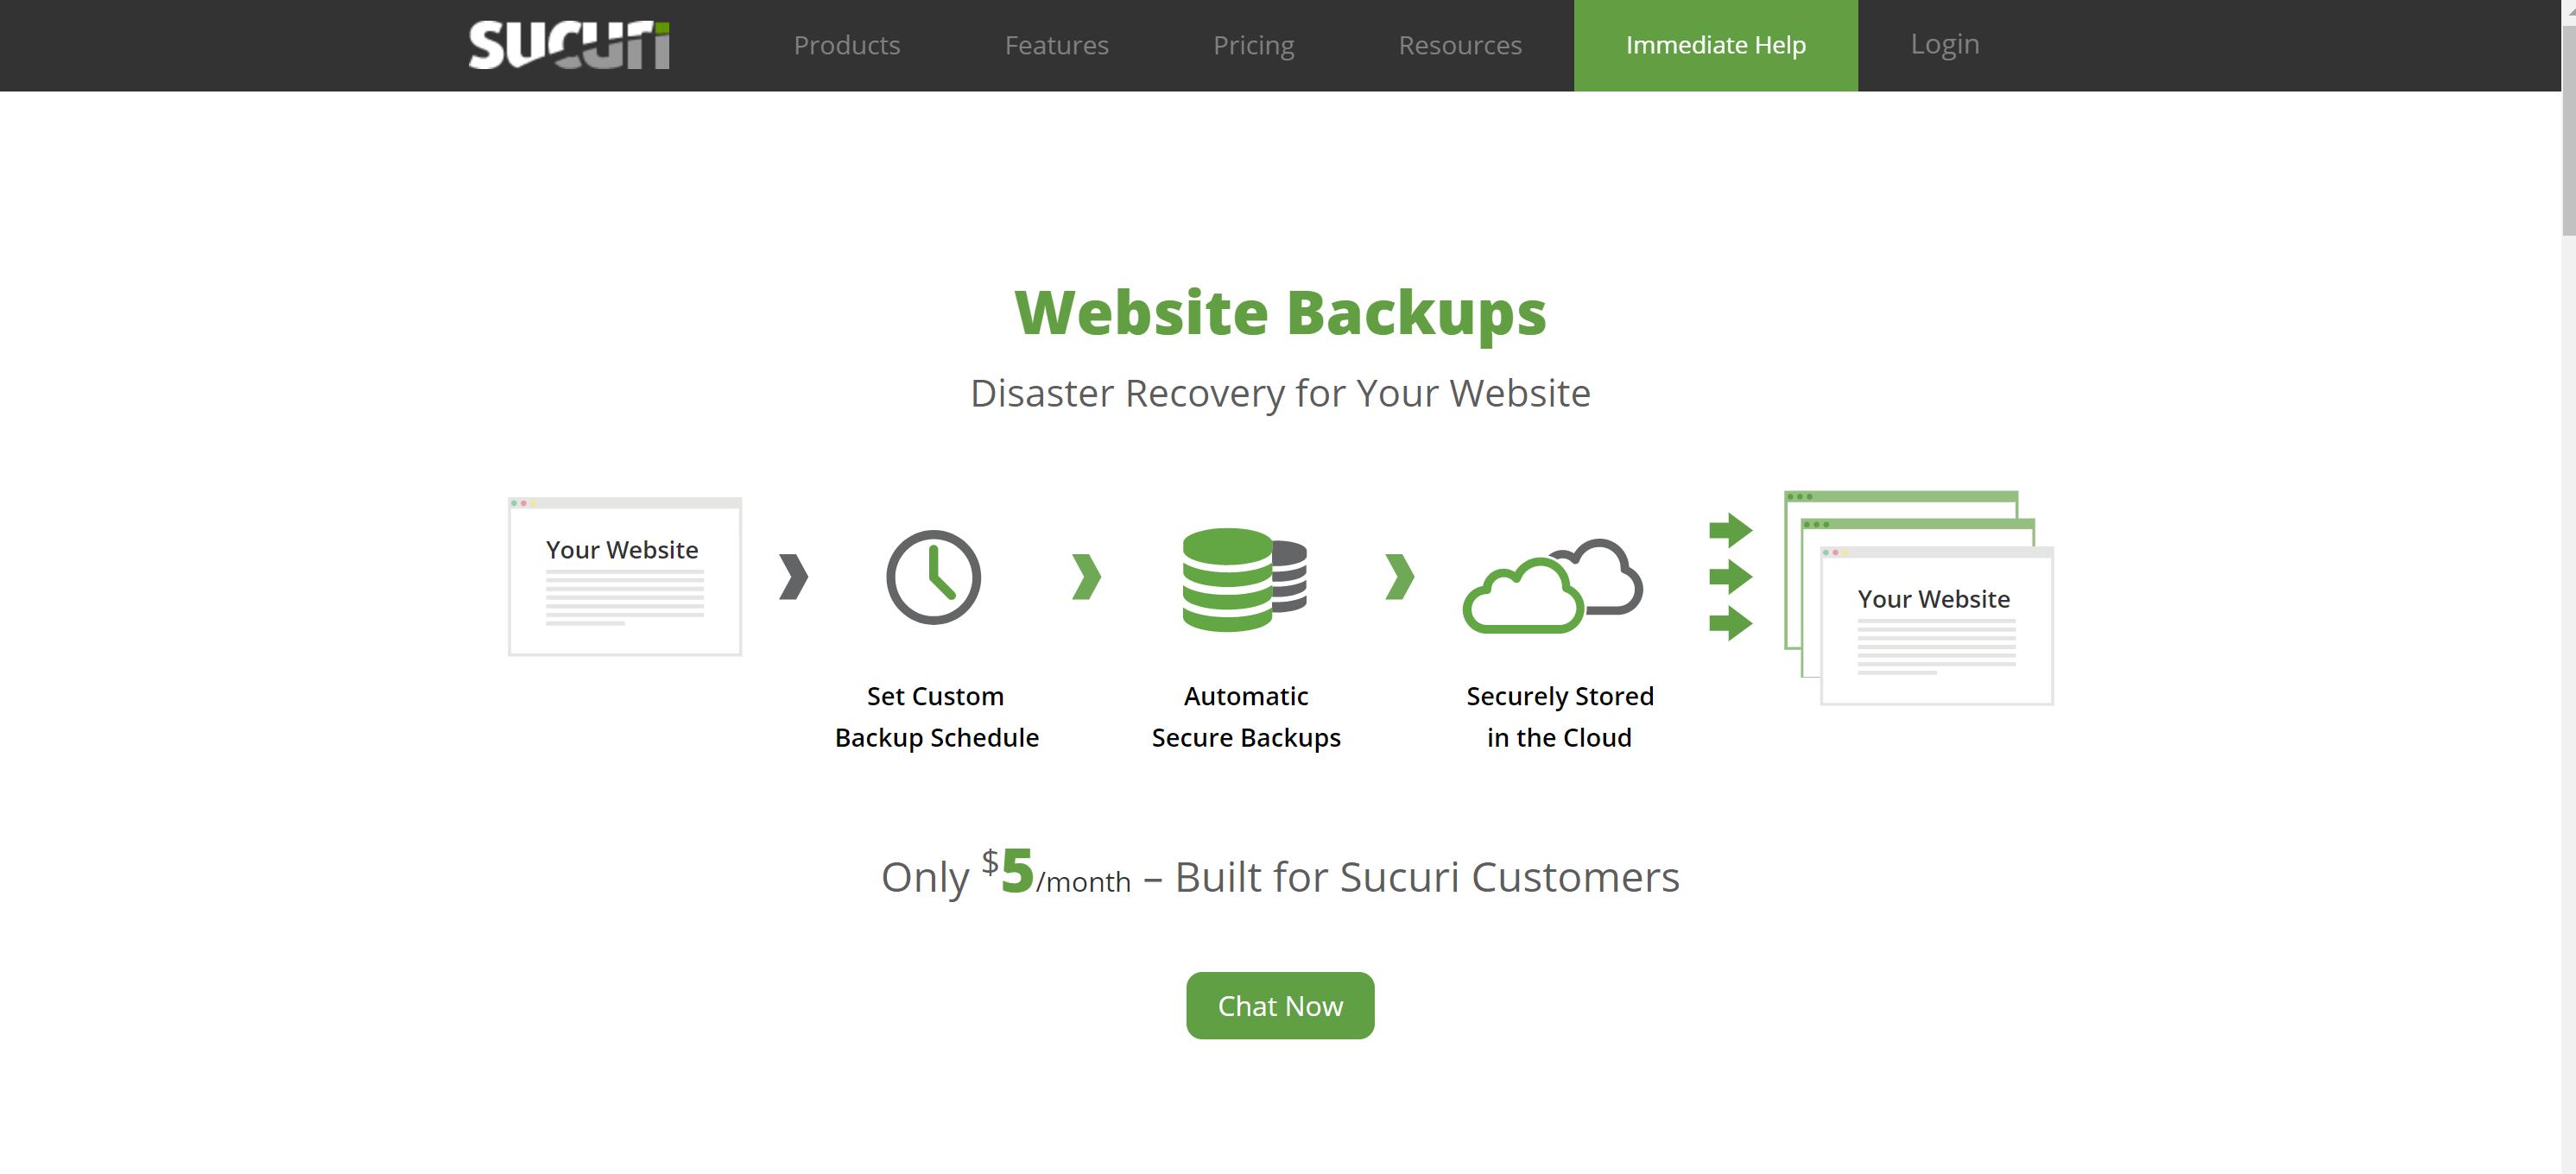 Sucuri for websites